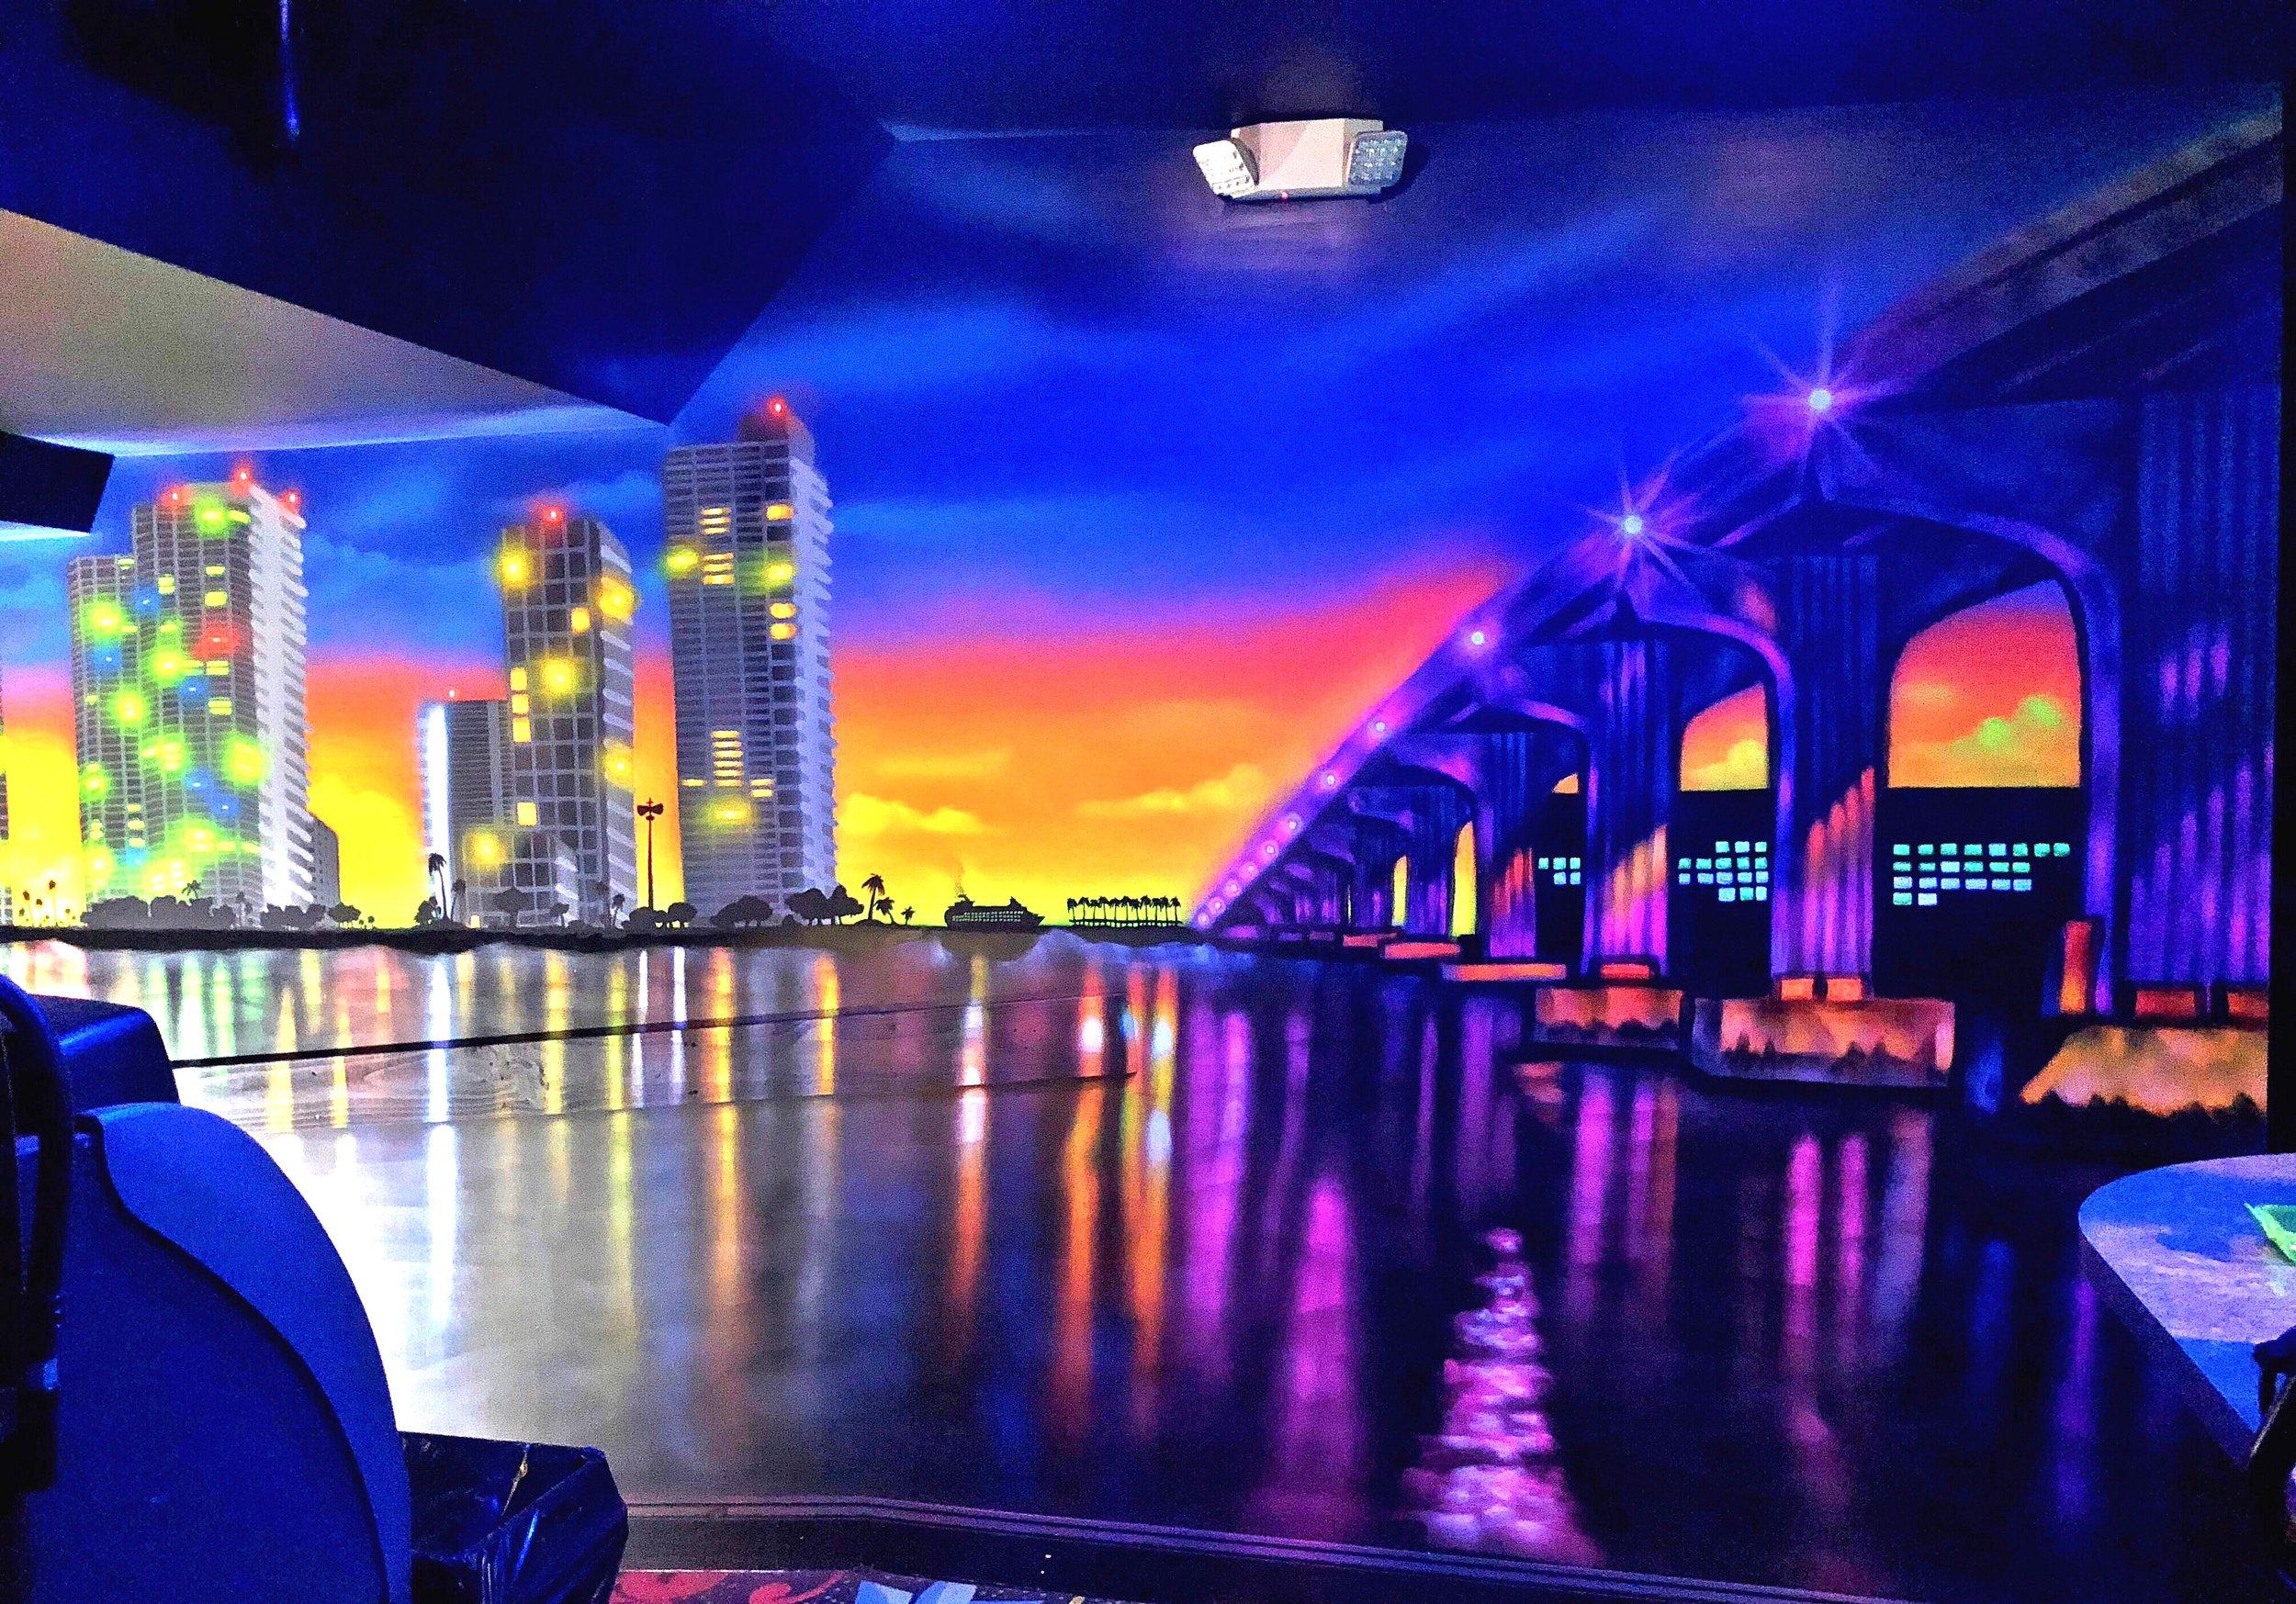 BT's Gentlemen's Club glow in the dark Mural